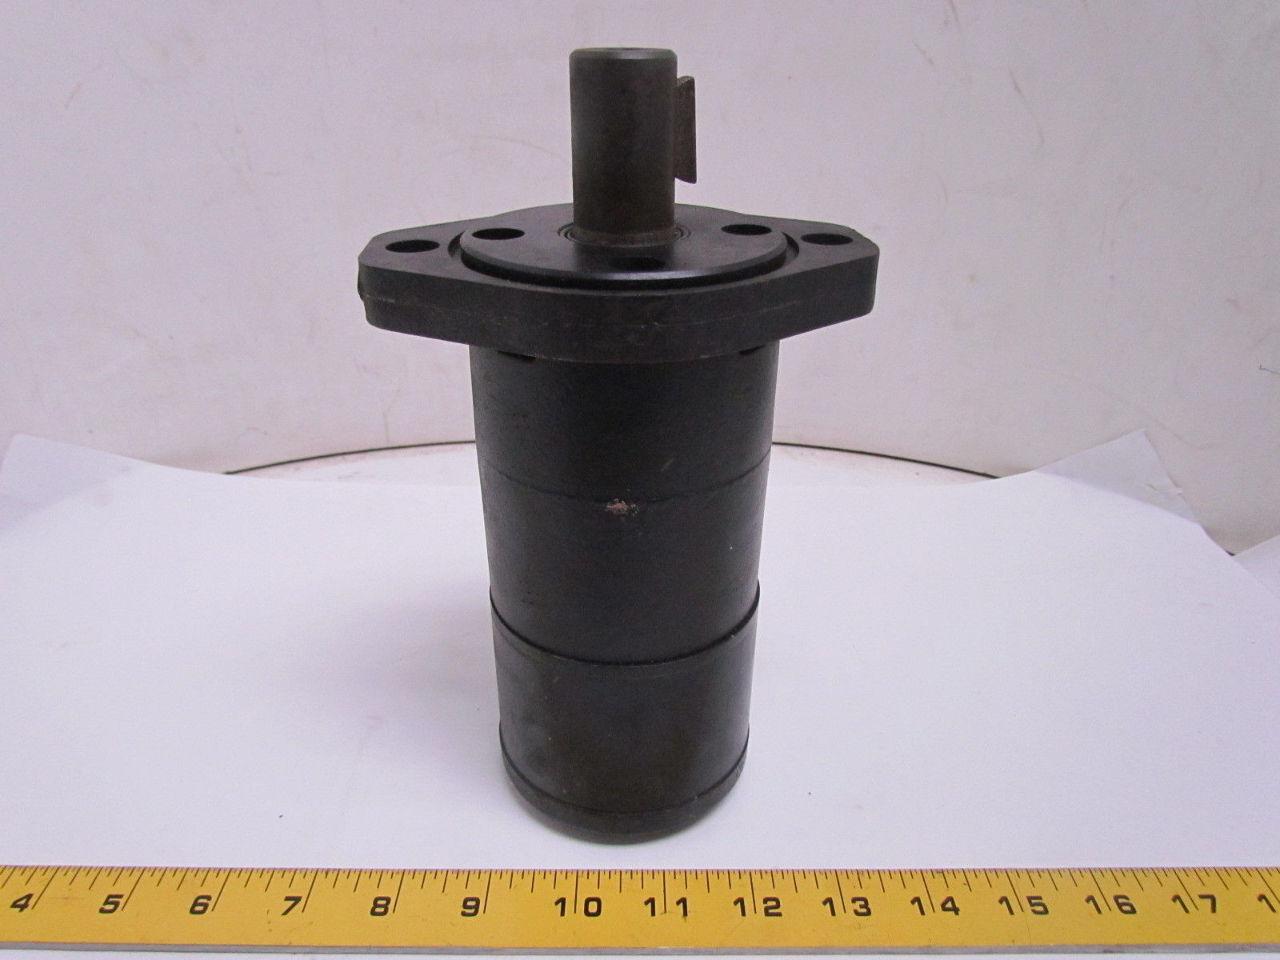 Eaton char lynn 101 1048 009 hydraulic motor gerotor ebay for Eaton char lynn hydraulic motor